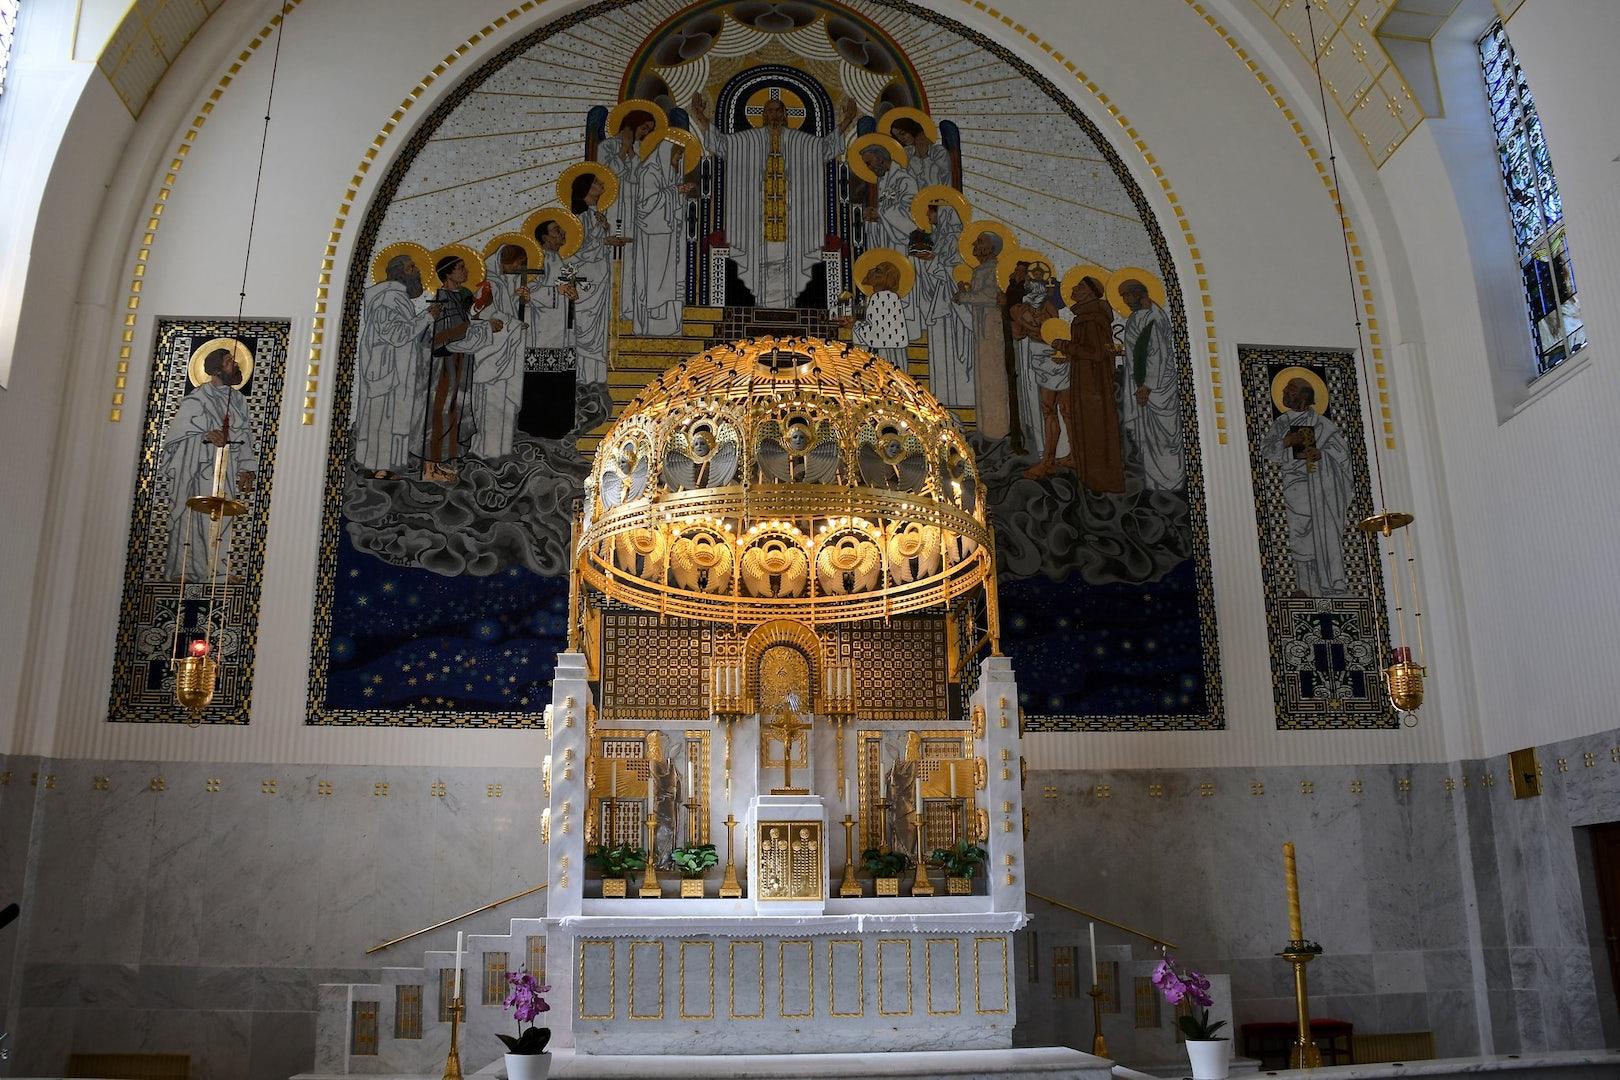 Kirche am Steinhof Jugendstil interior